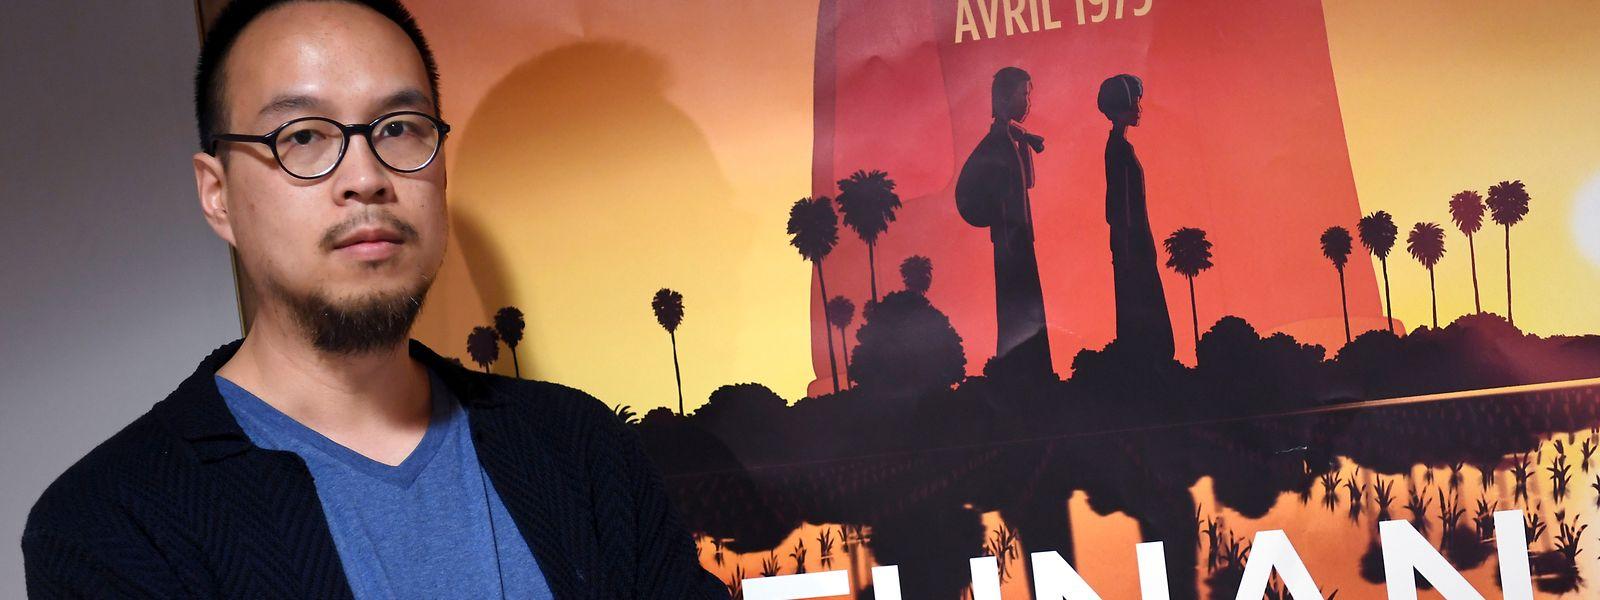 Filmregisseur Denis Do